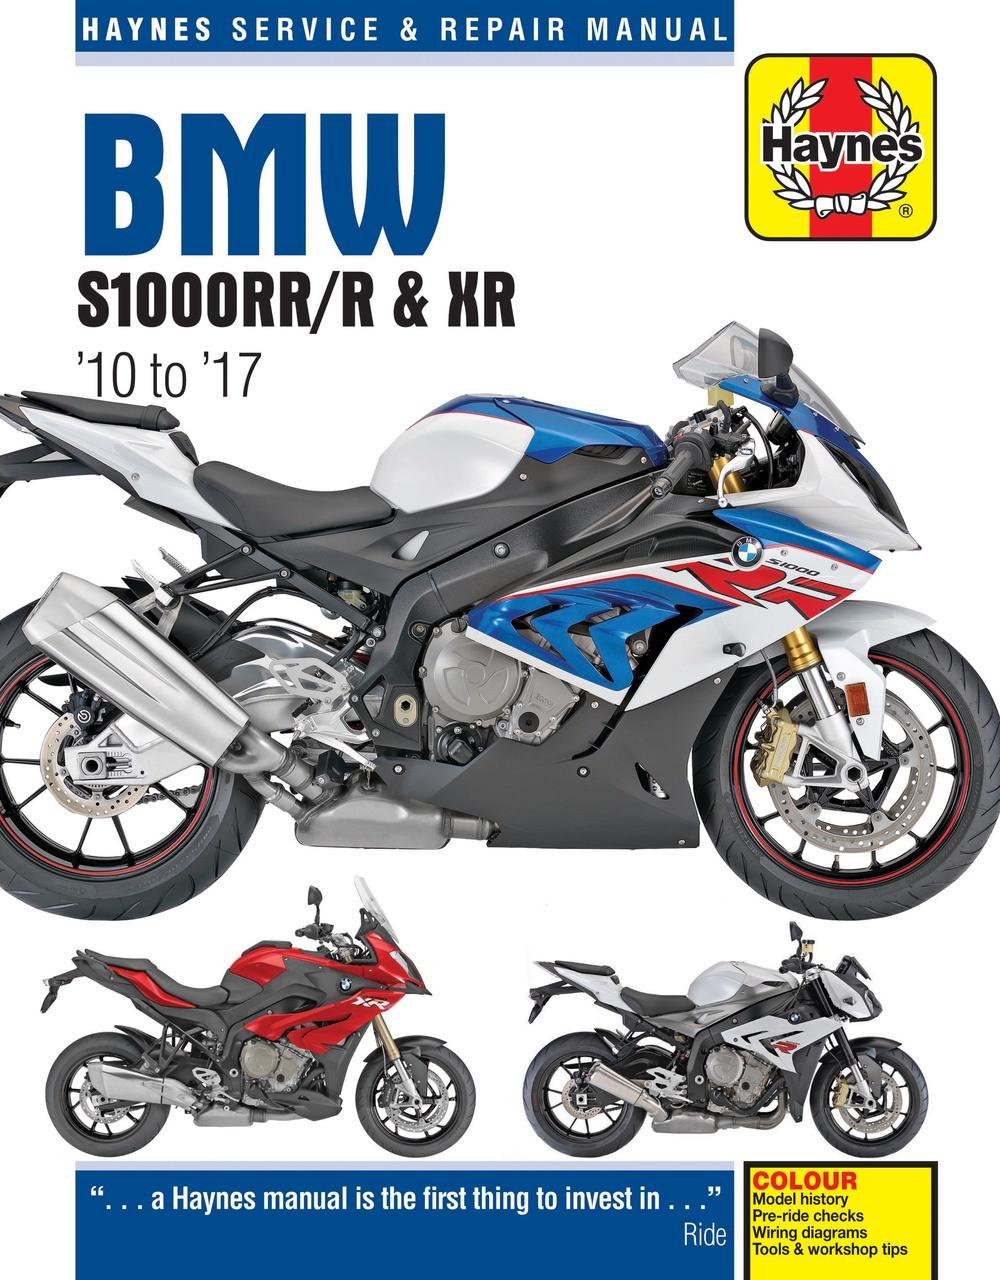 bmw s1000rr s1000r s1000xr 2010 2017 workshop manual rh automotobookshop com au bmw r1200rt workshop manual pdf bmw r1200r workshop manual pdf